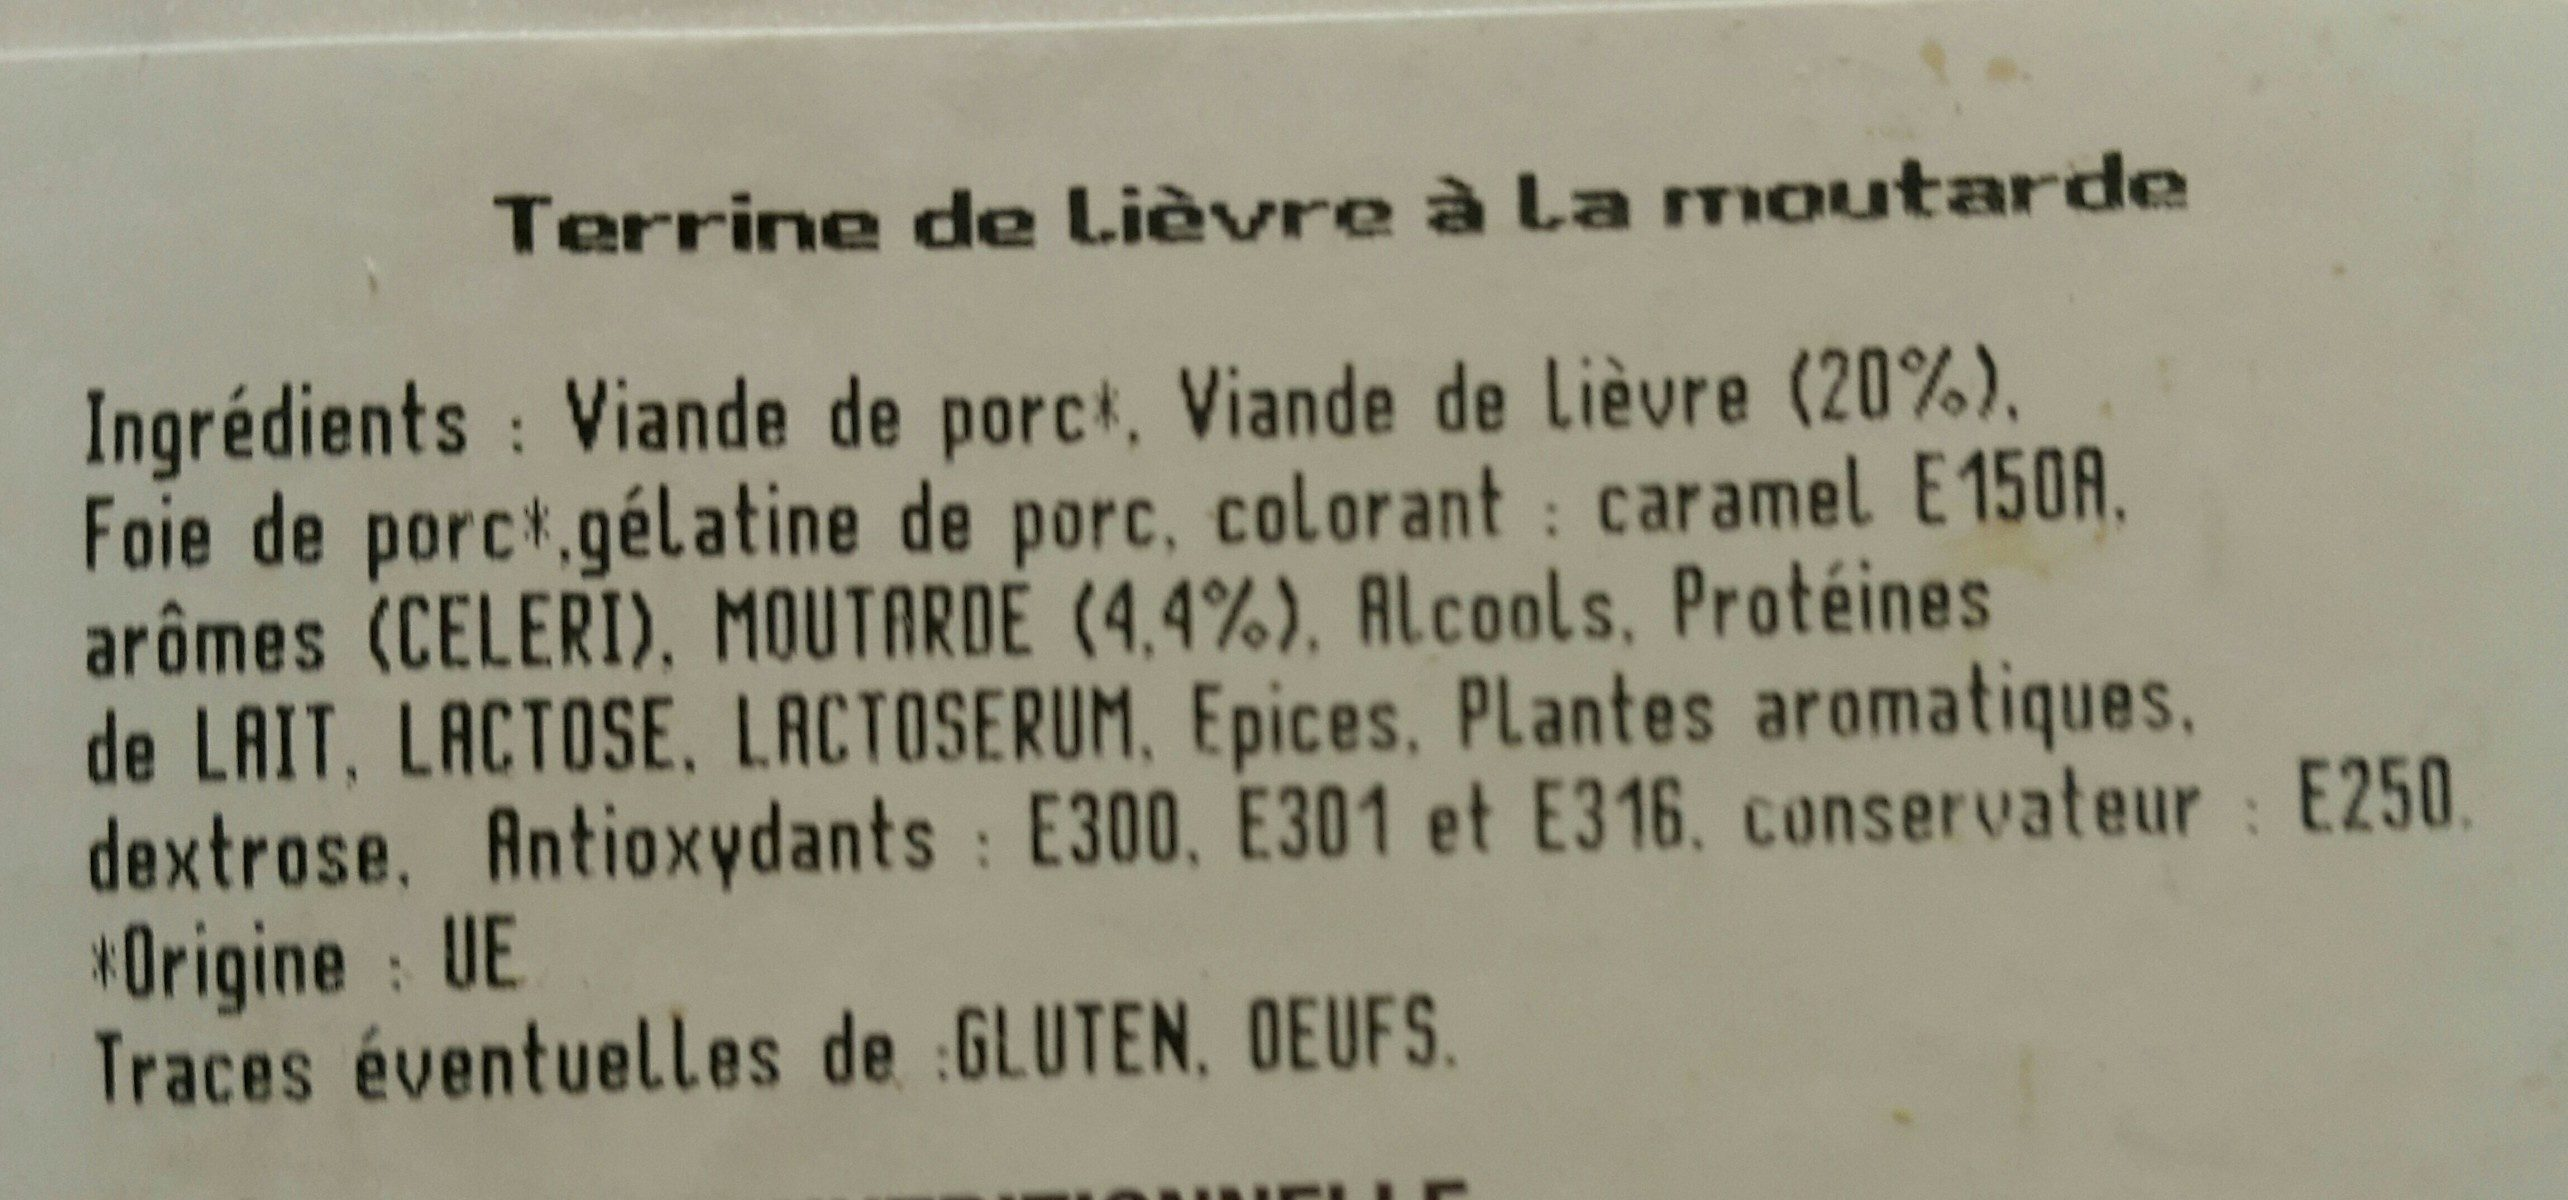 Terrine de lièvre à la moutarde - Ingrédients - fr